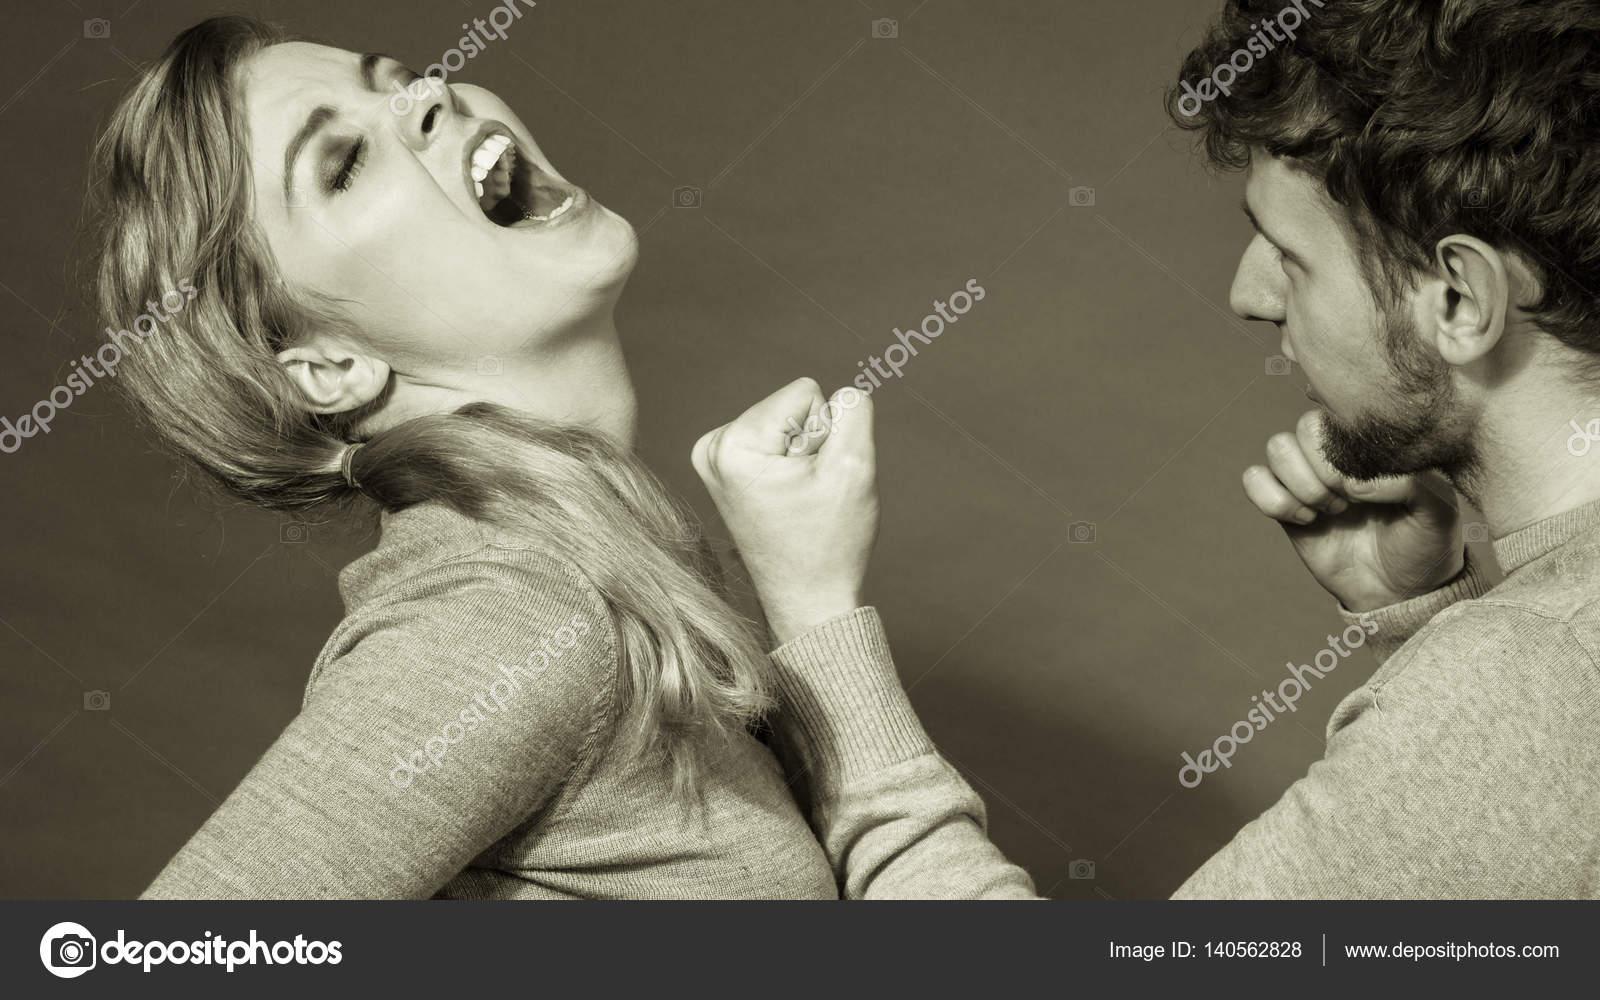 nero aggressivo lesbiche